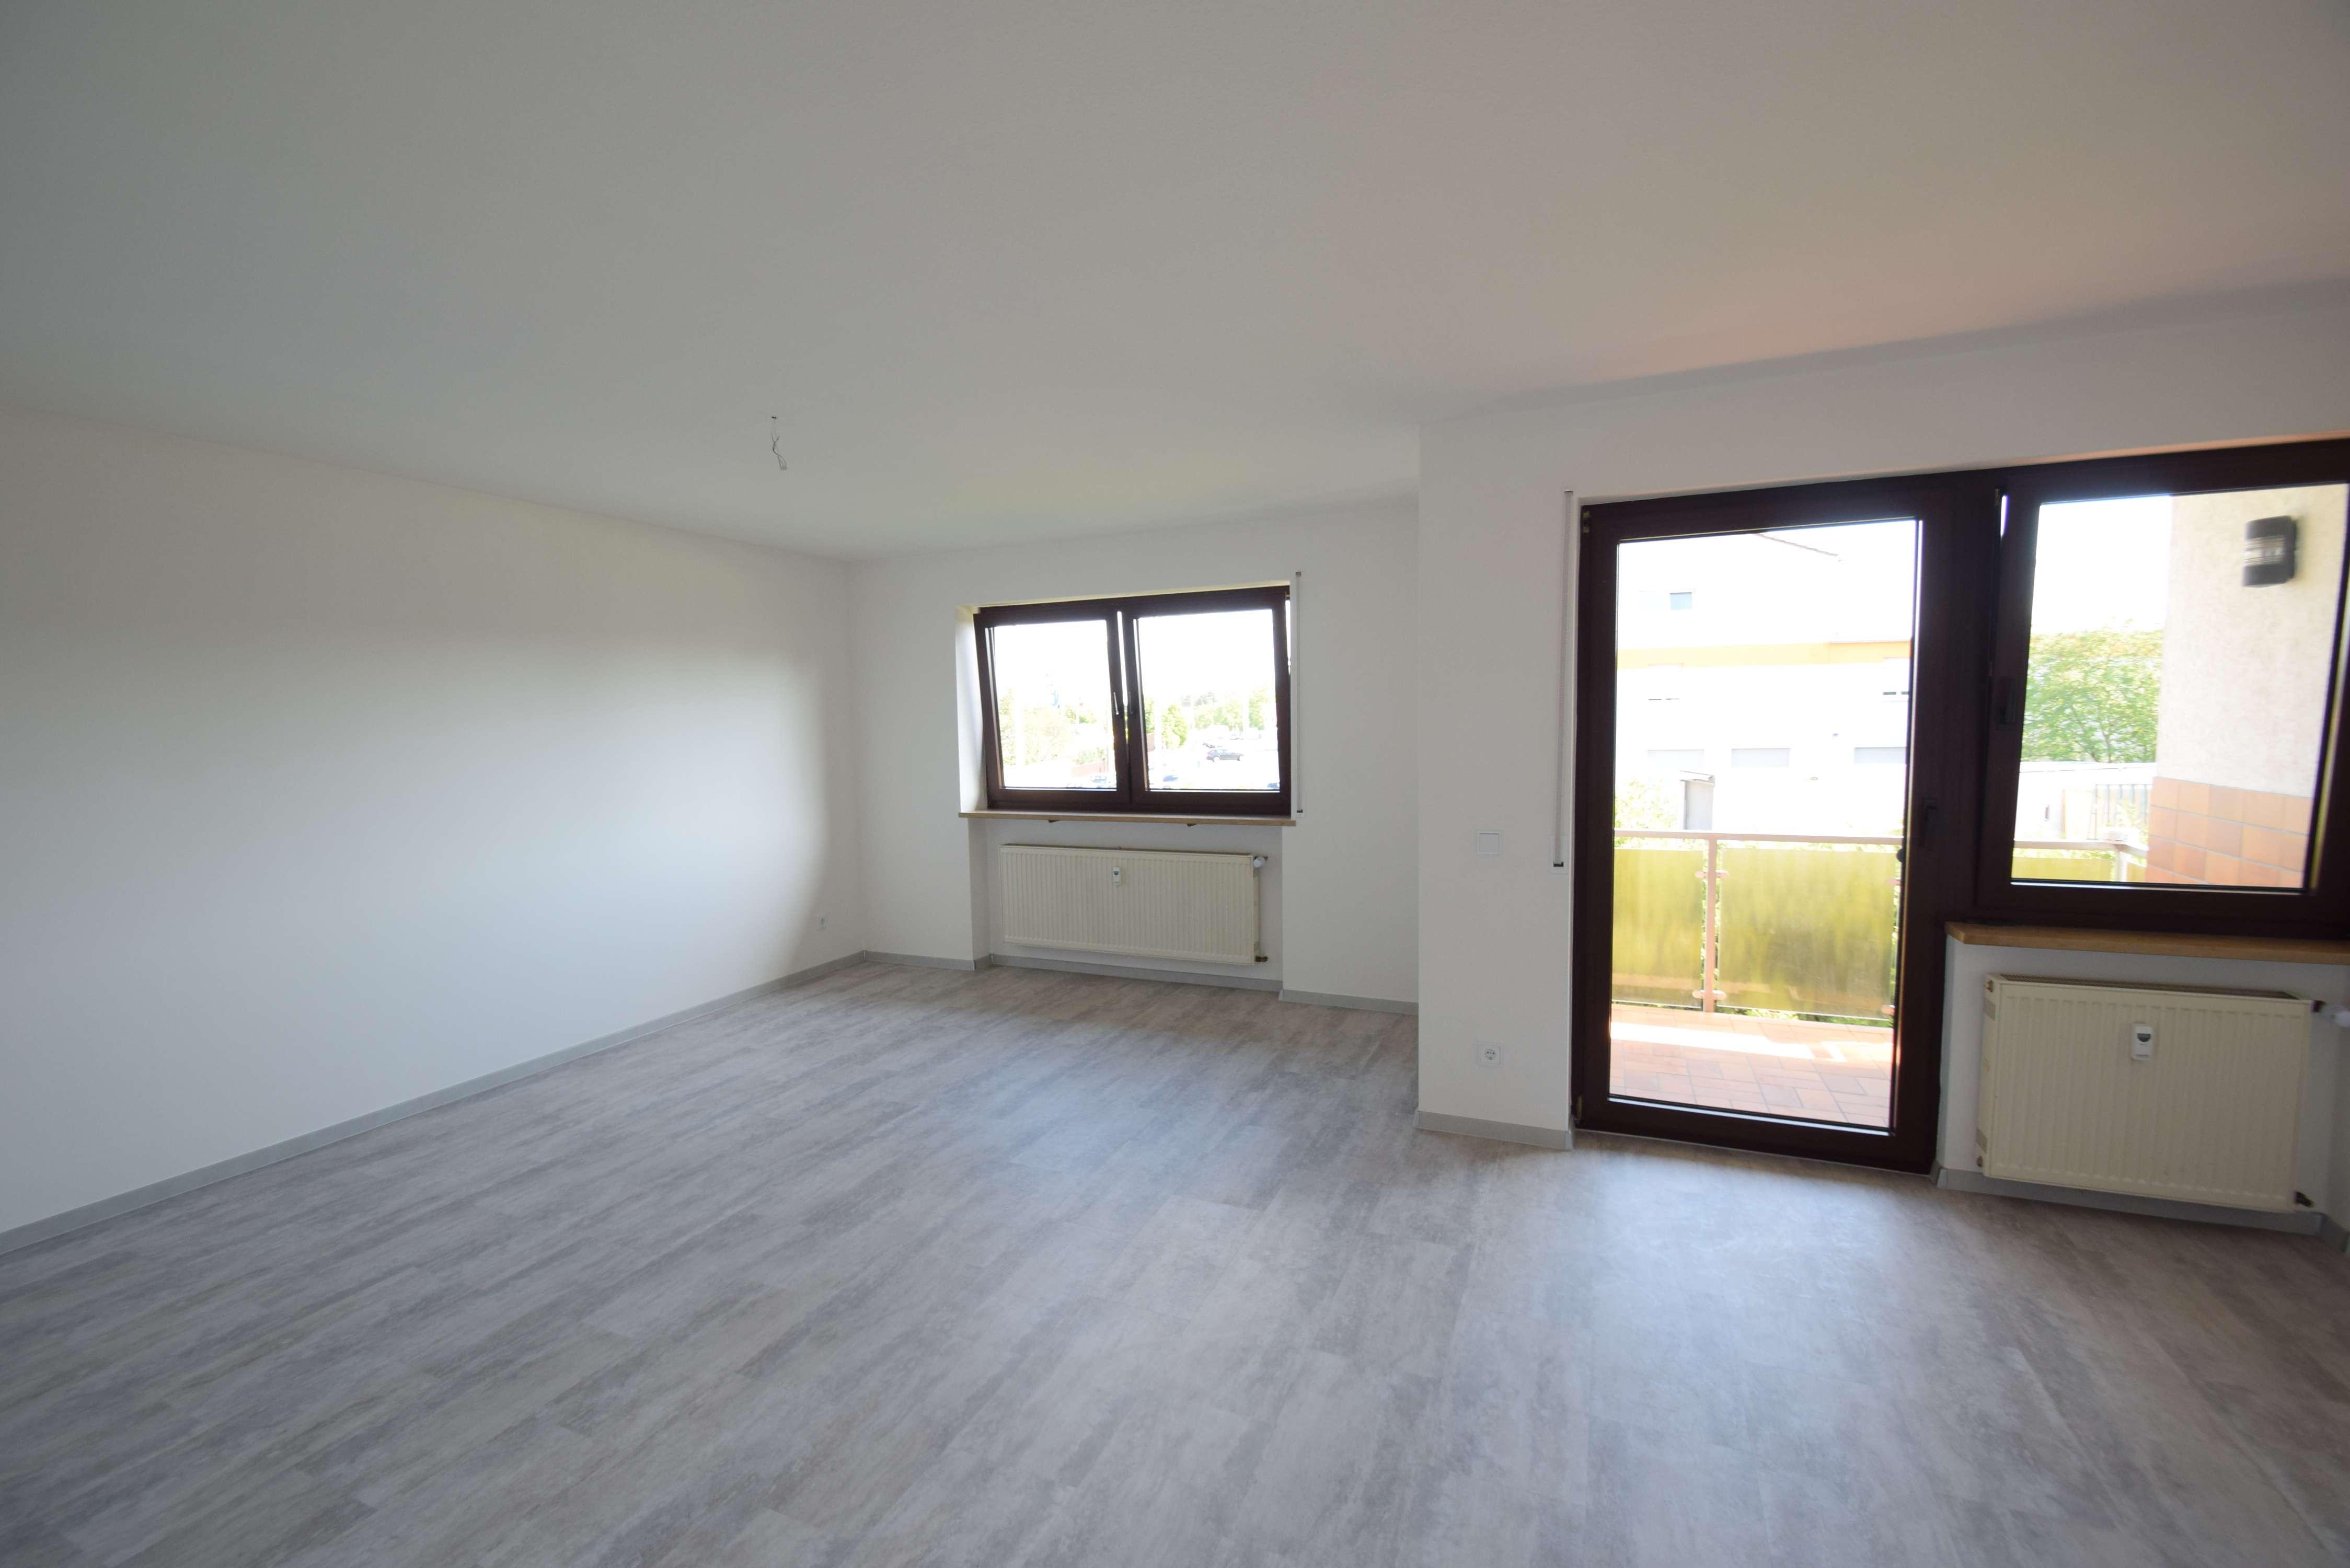 Frisch renovierte helle 2-Zimmer-Wohnung mit Balkon in